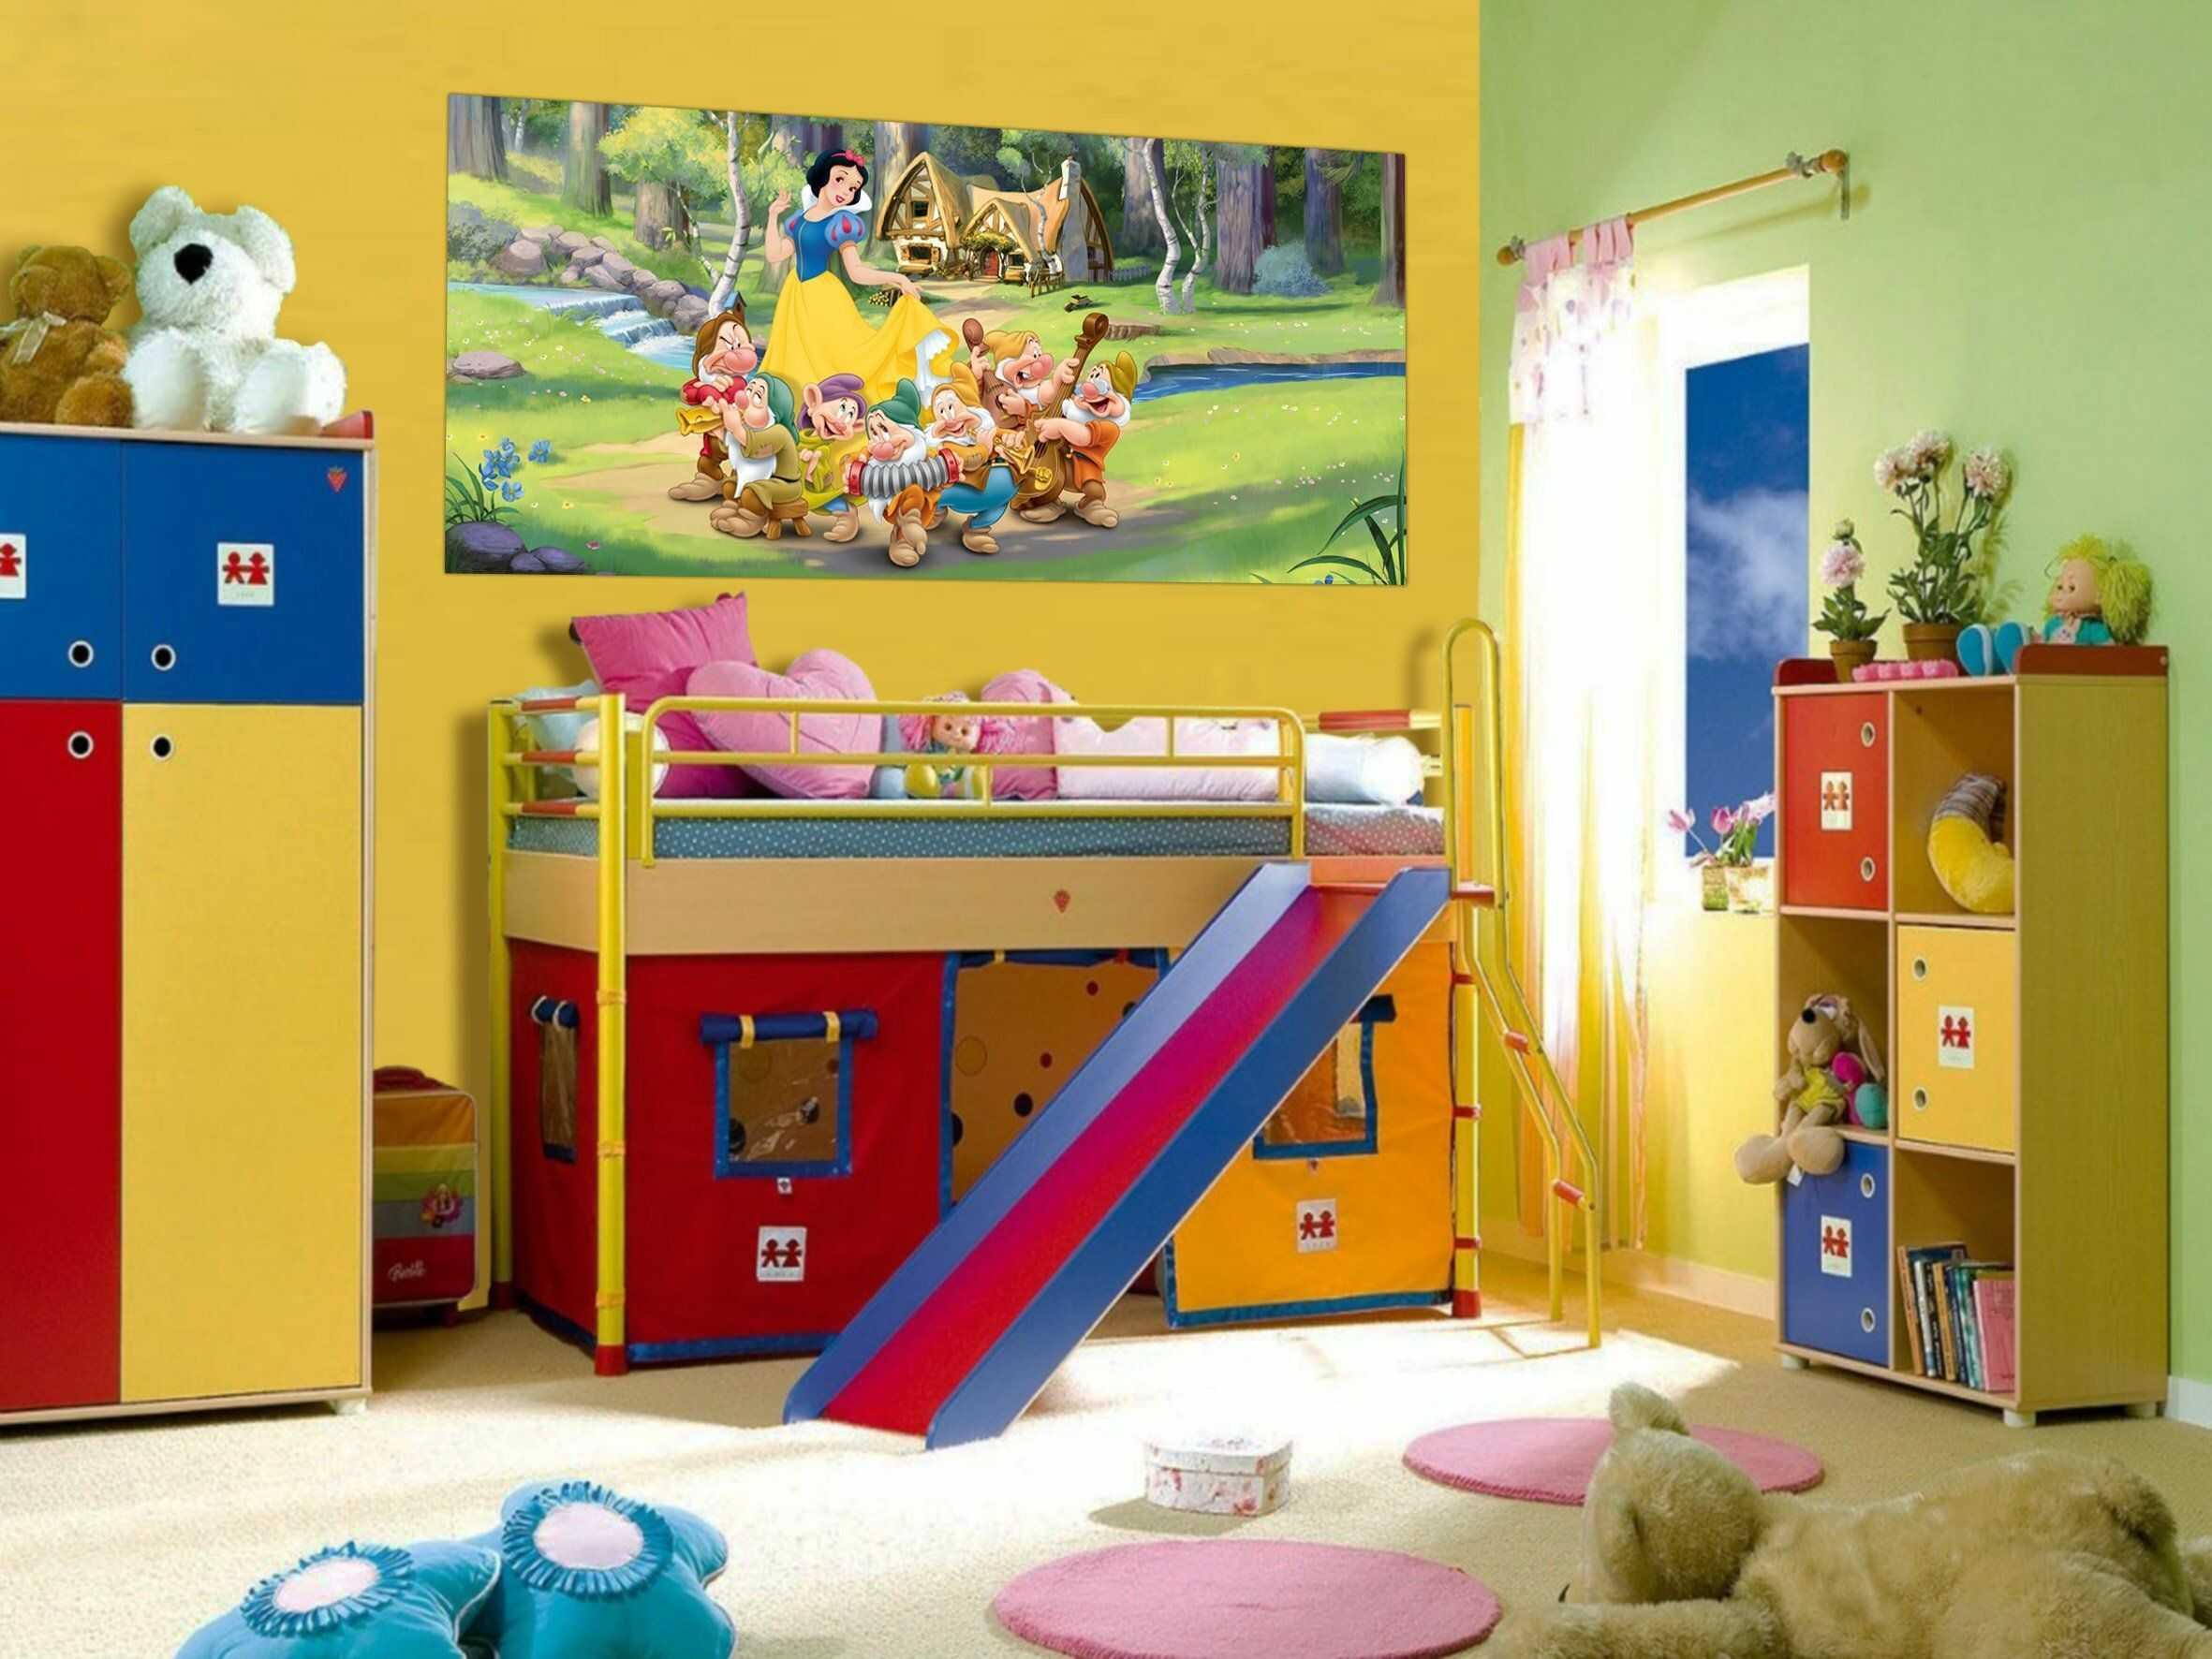 """Disney"""" Śnieżnobiała księżniczka zdjęcie mural tapeta do pokoju dziecięcego, papier wielokolorowy, 0,1 x 202 x 90 cm"""